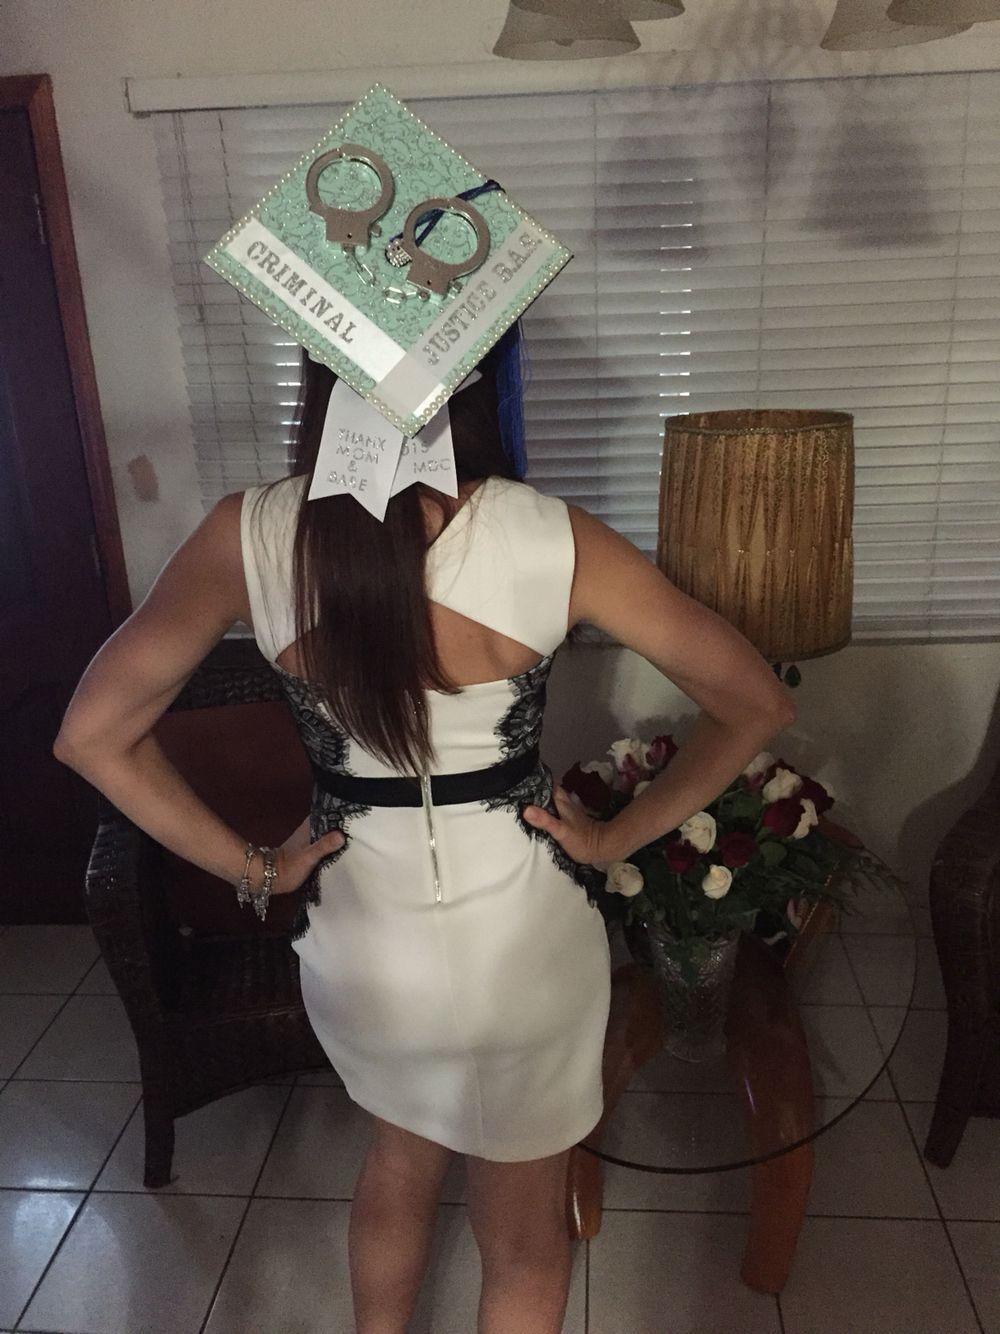 Criminal justice graduation cap | Graduation cap designs ...